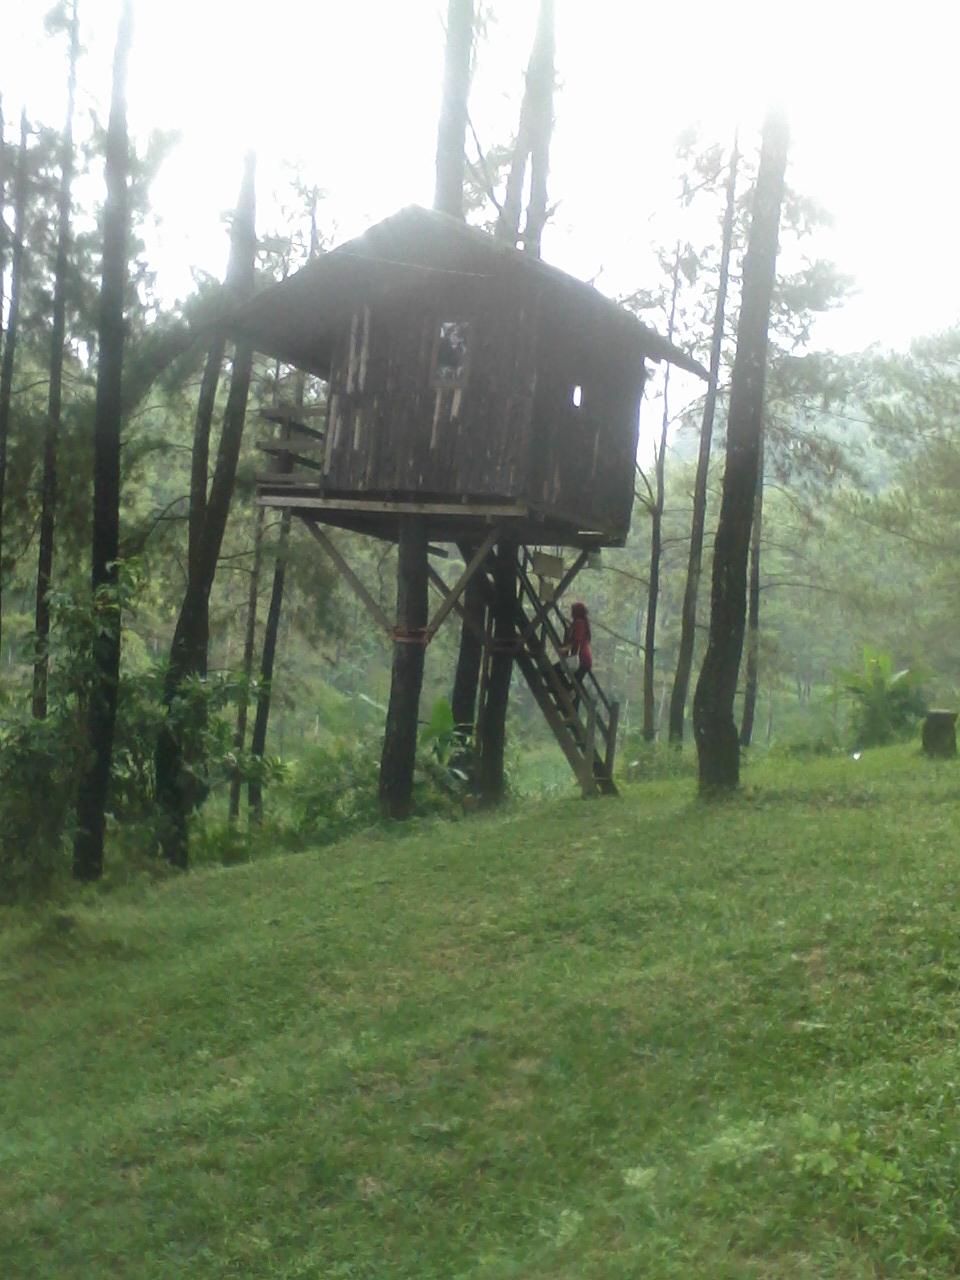 Rumah Pohon Taman Dayu : rumah, pohon, taman, Rumah, Pohon, Taman, Pasuruan, Timur:, Liburan